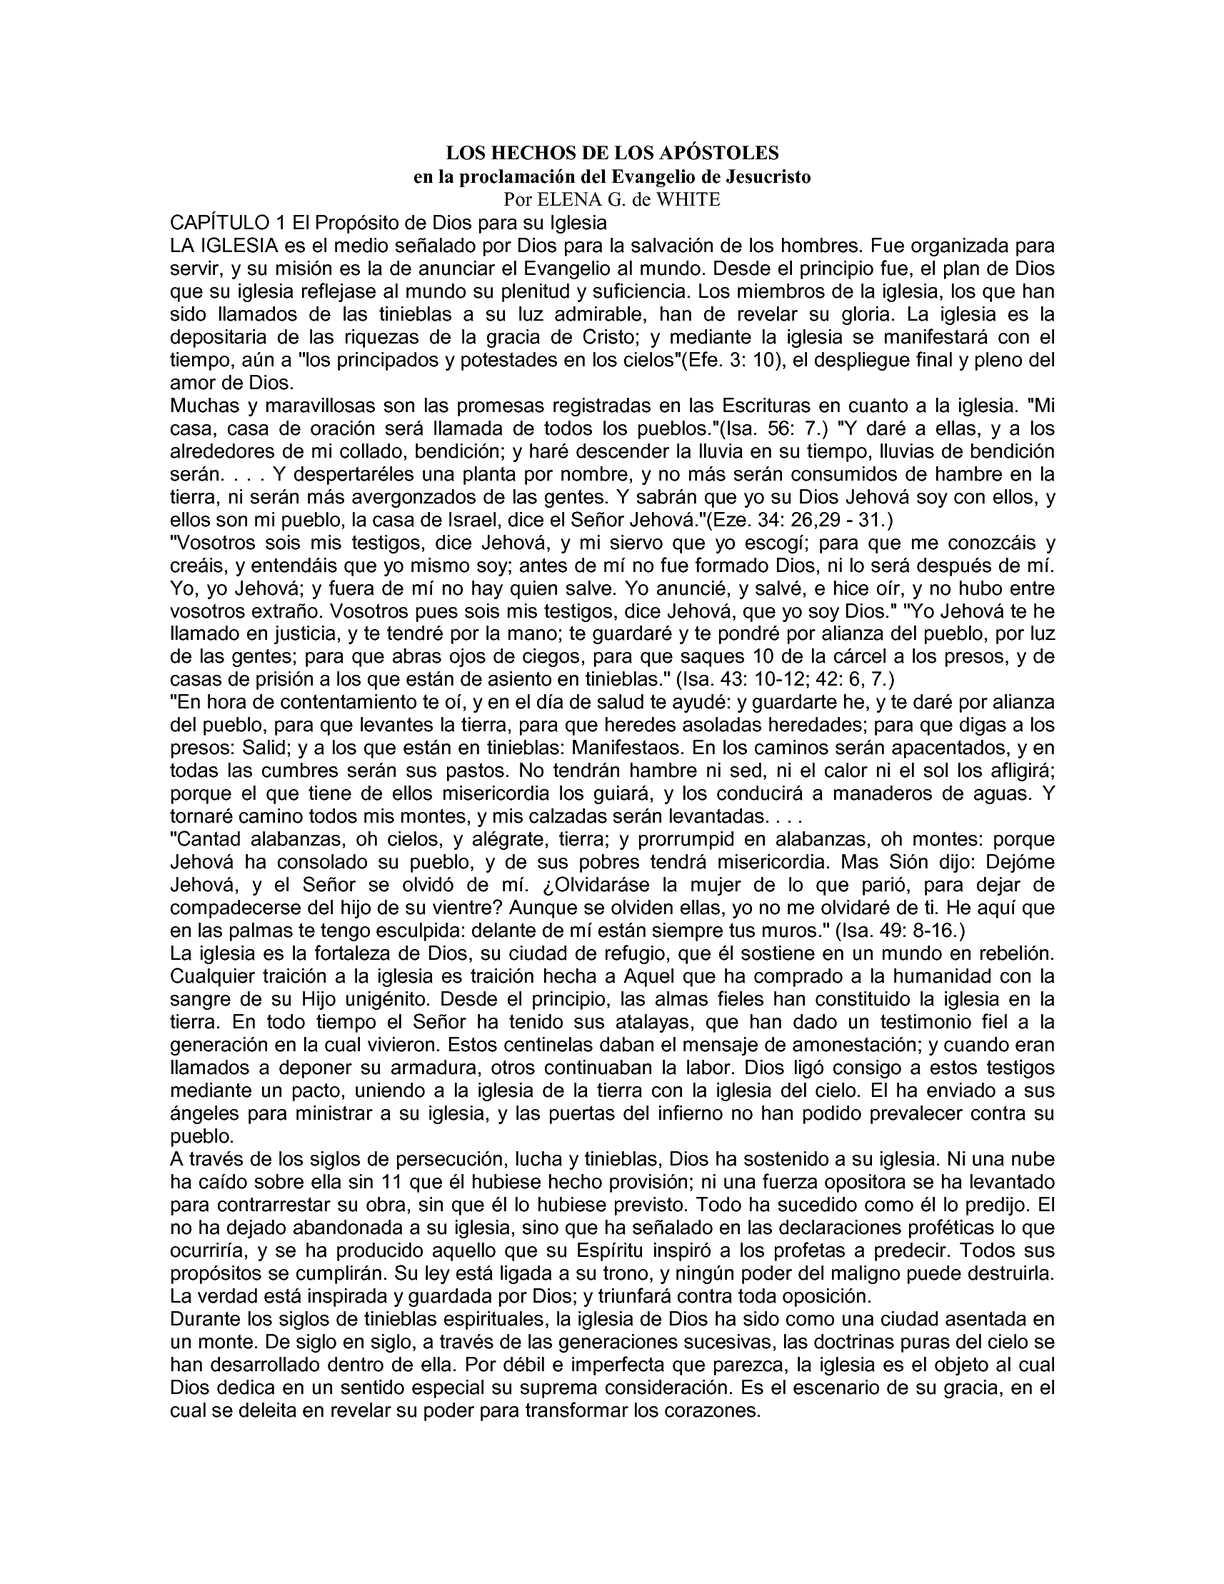 Perfecto Reanudar Verbos Activos Imagen - Ejemplo De Colección De ...